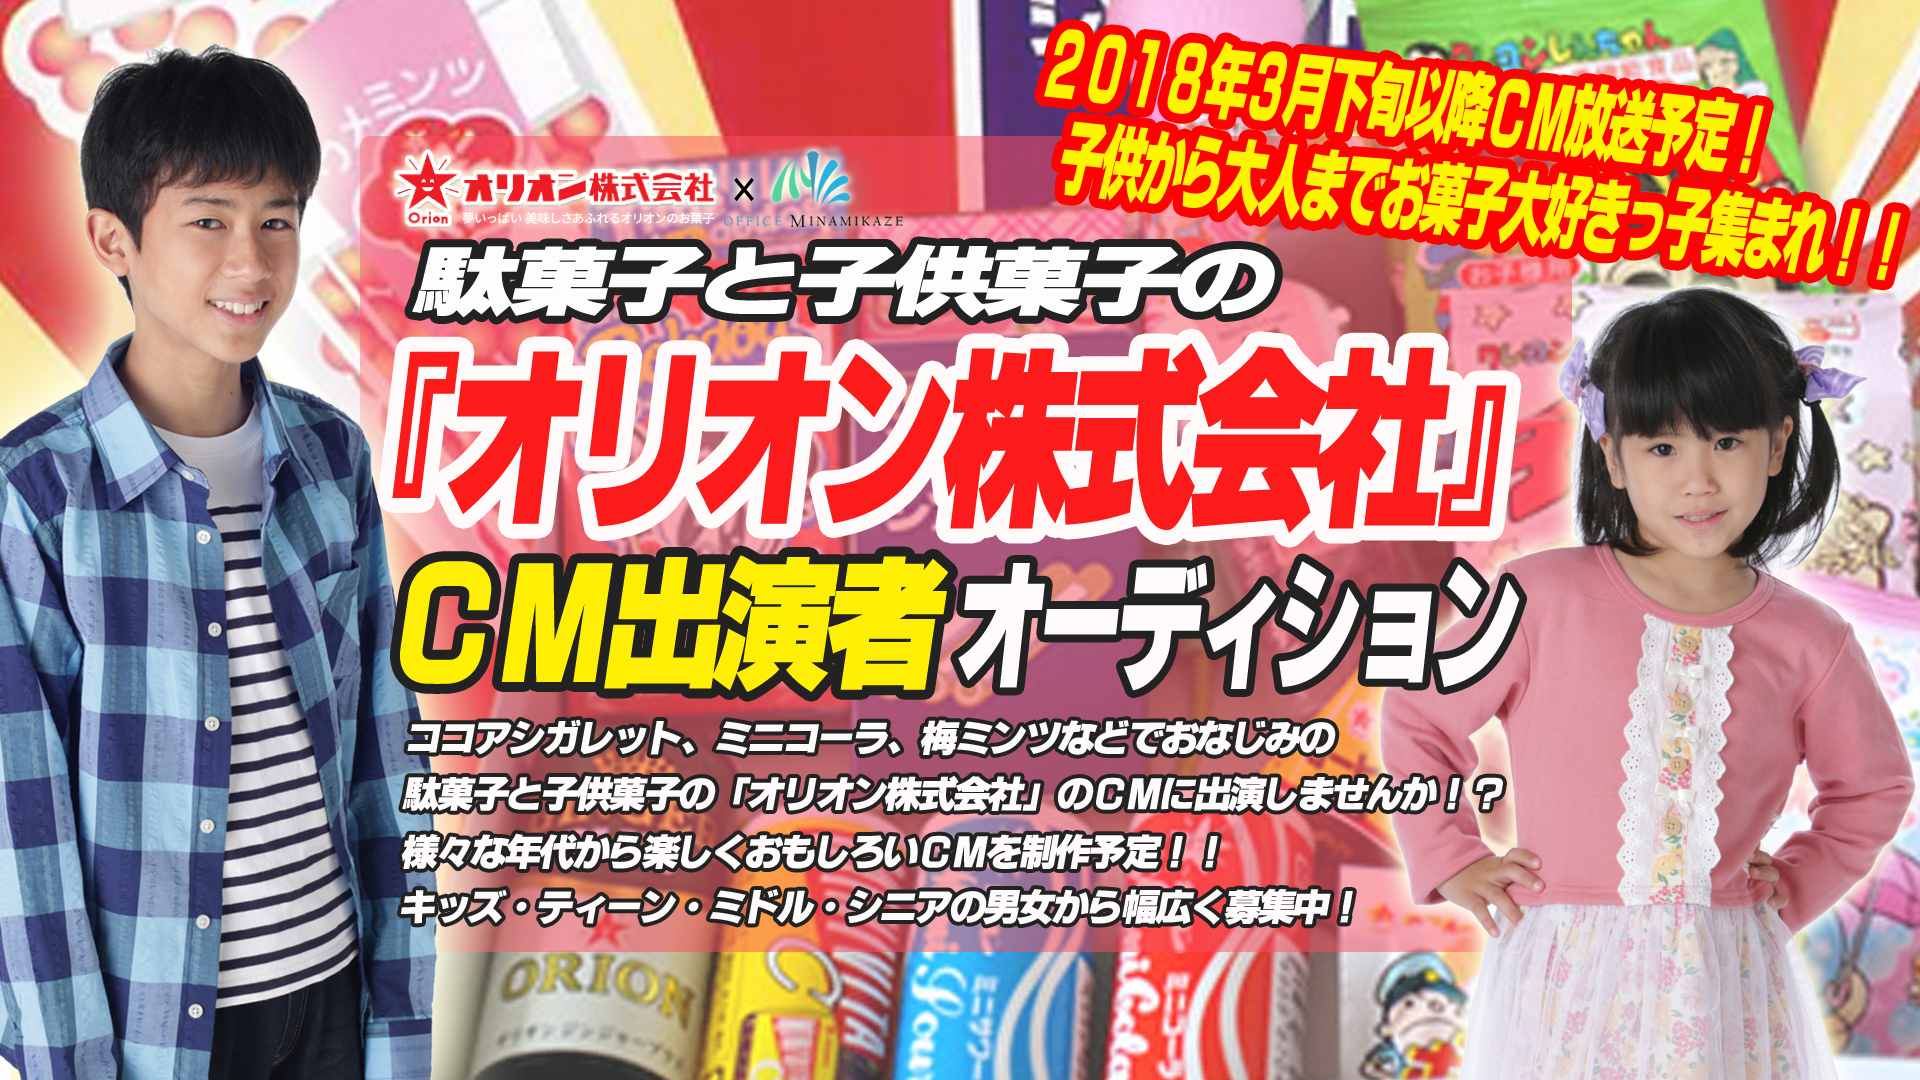 【合格者決定】「オリオン株式会社」TV-CM出演者オーディション